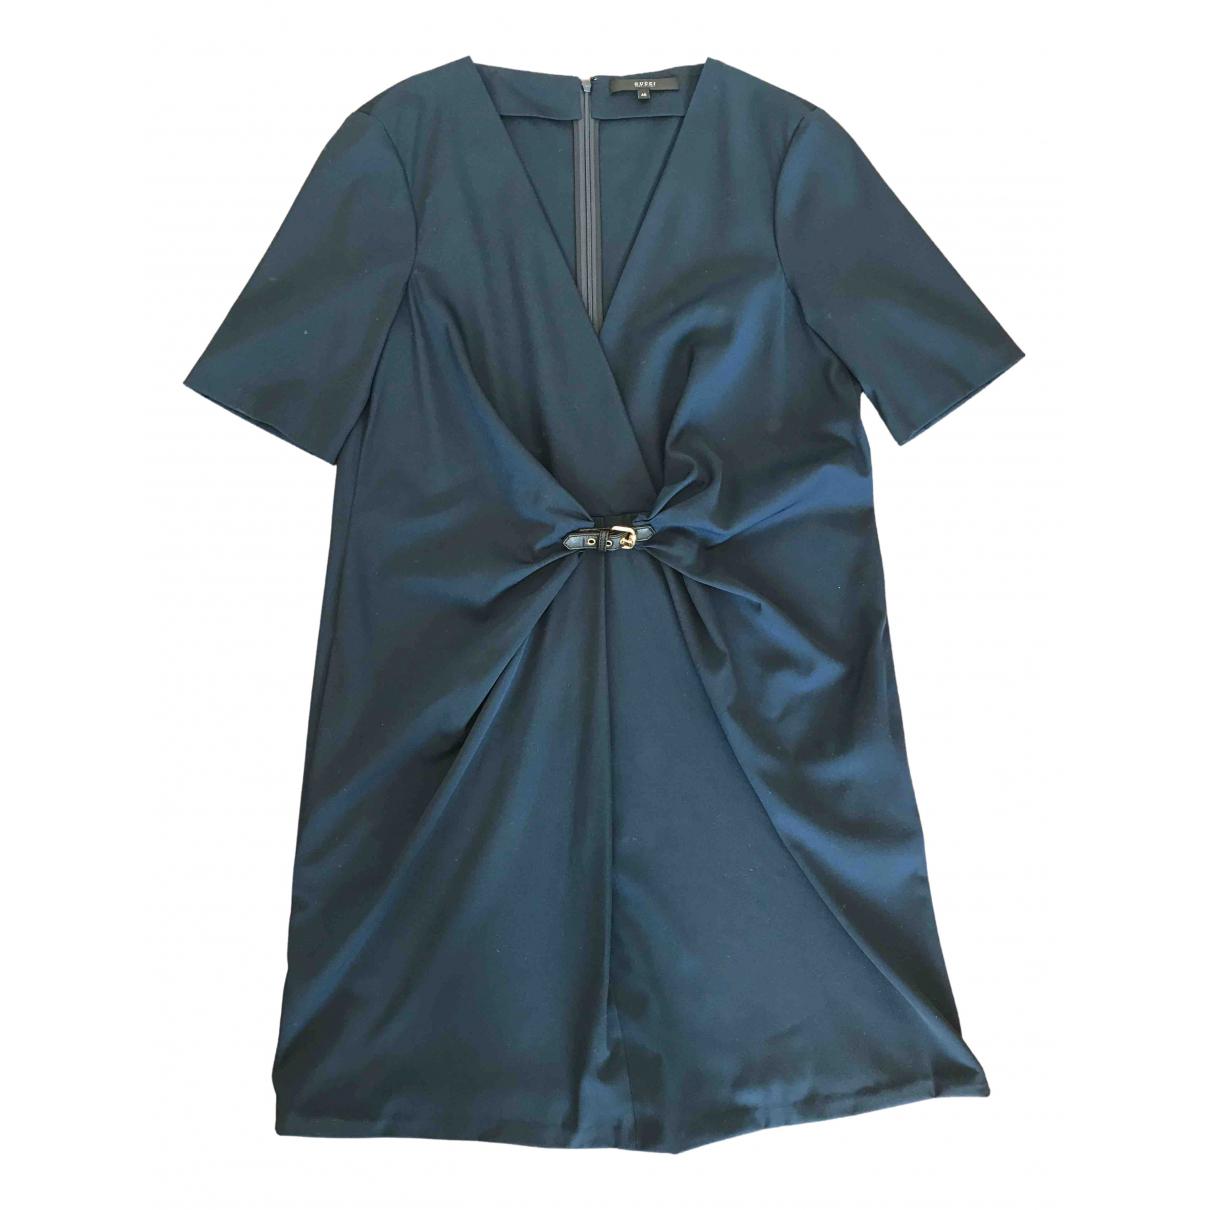 Gucci \N Kleid in  Blau Wolle